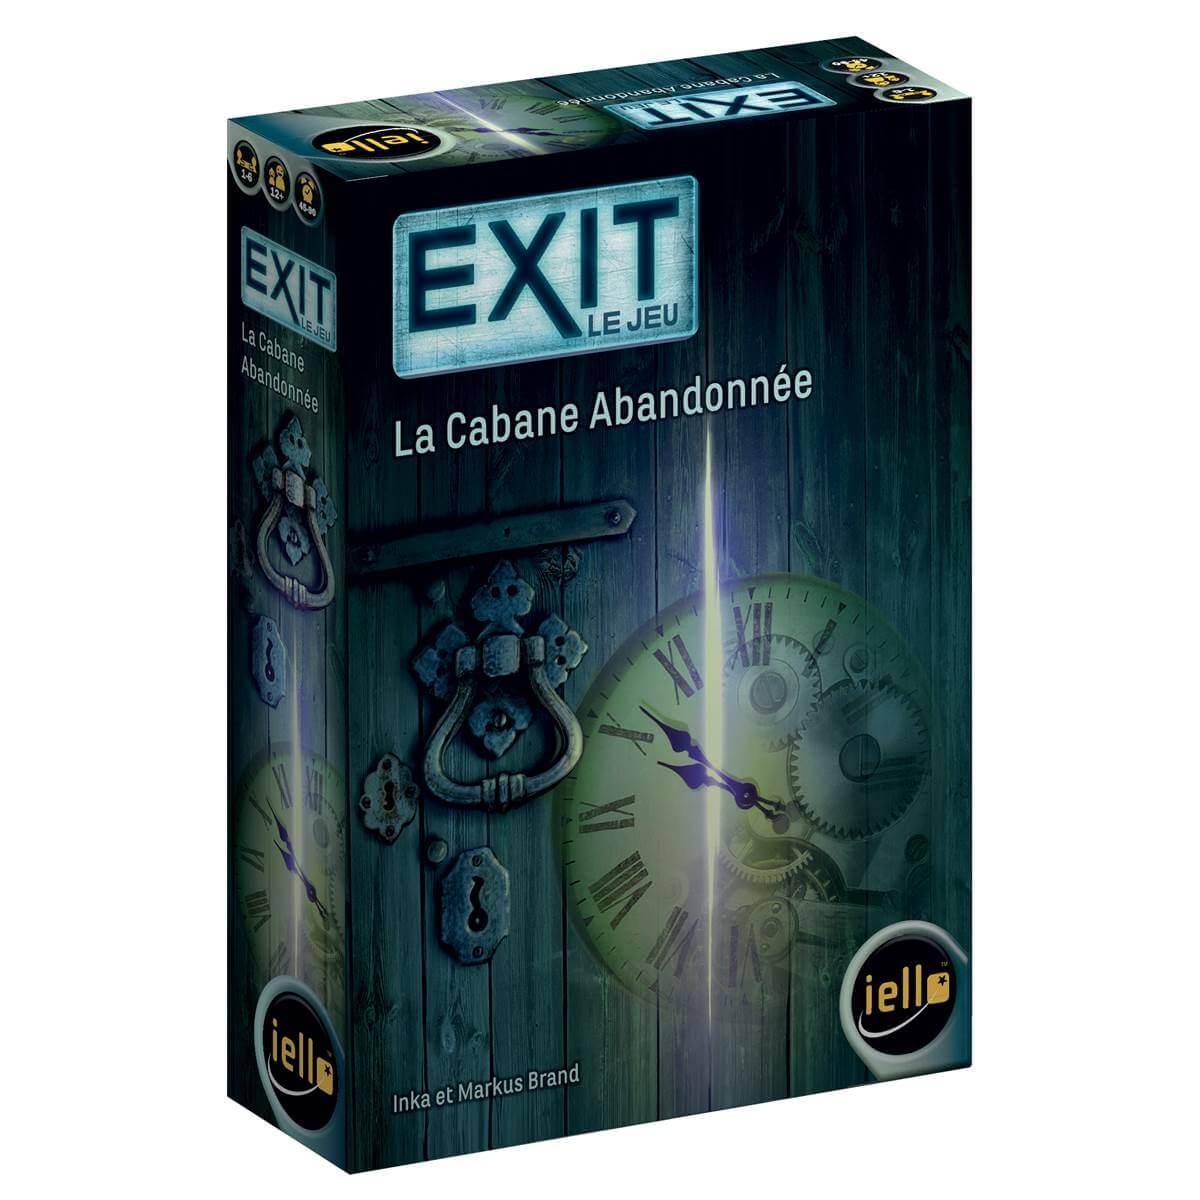 EXIT-La-Cabane-Abandonnee